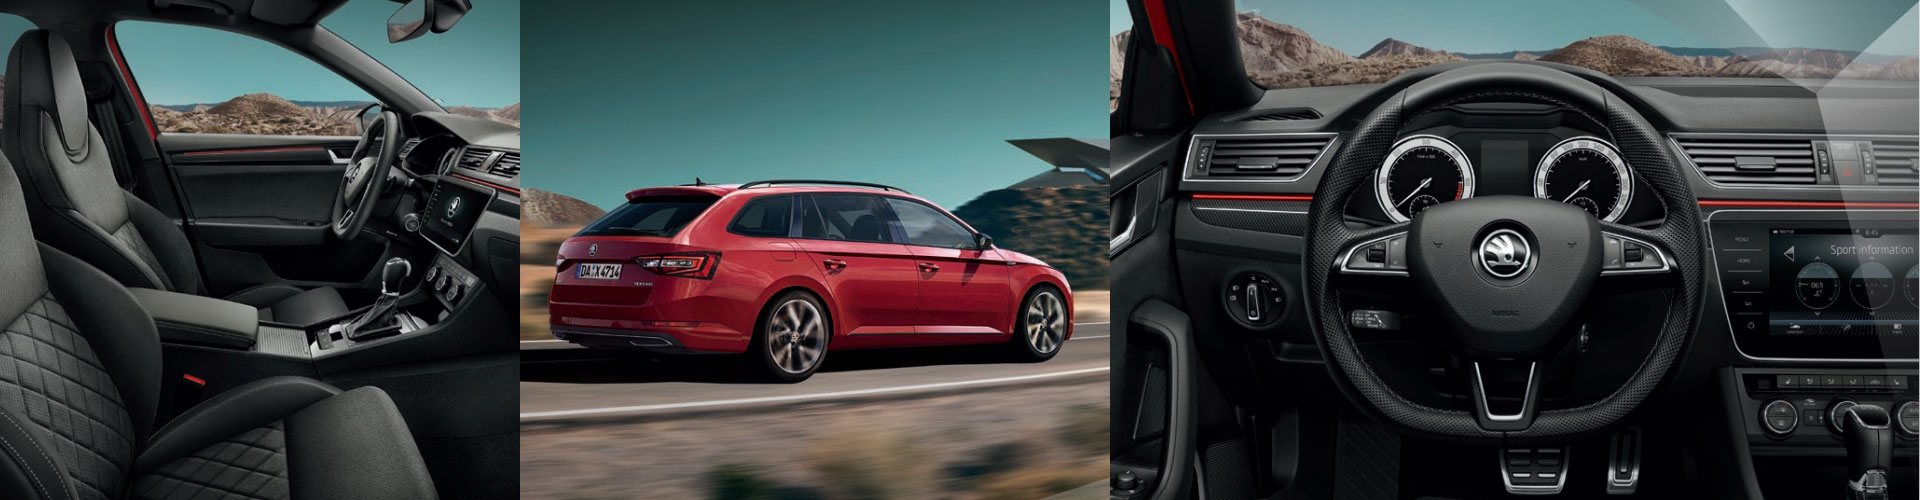 Neue Skoda Modelle bei Autohaus Richter in meißen